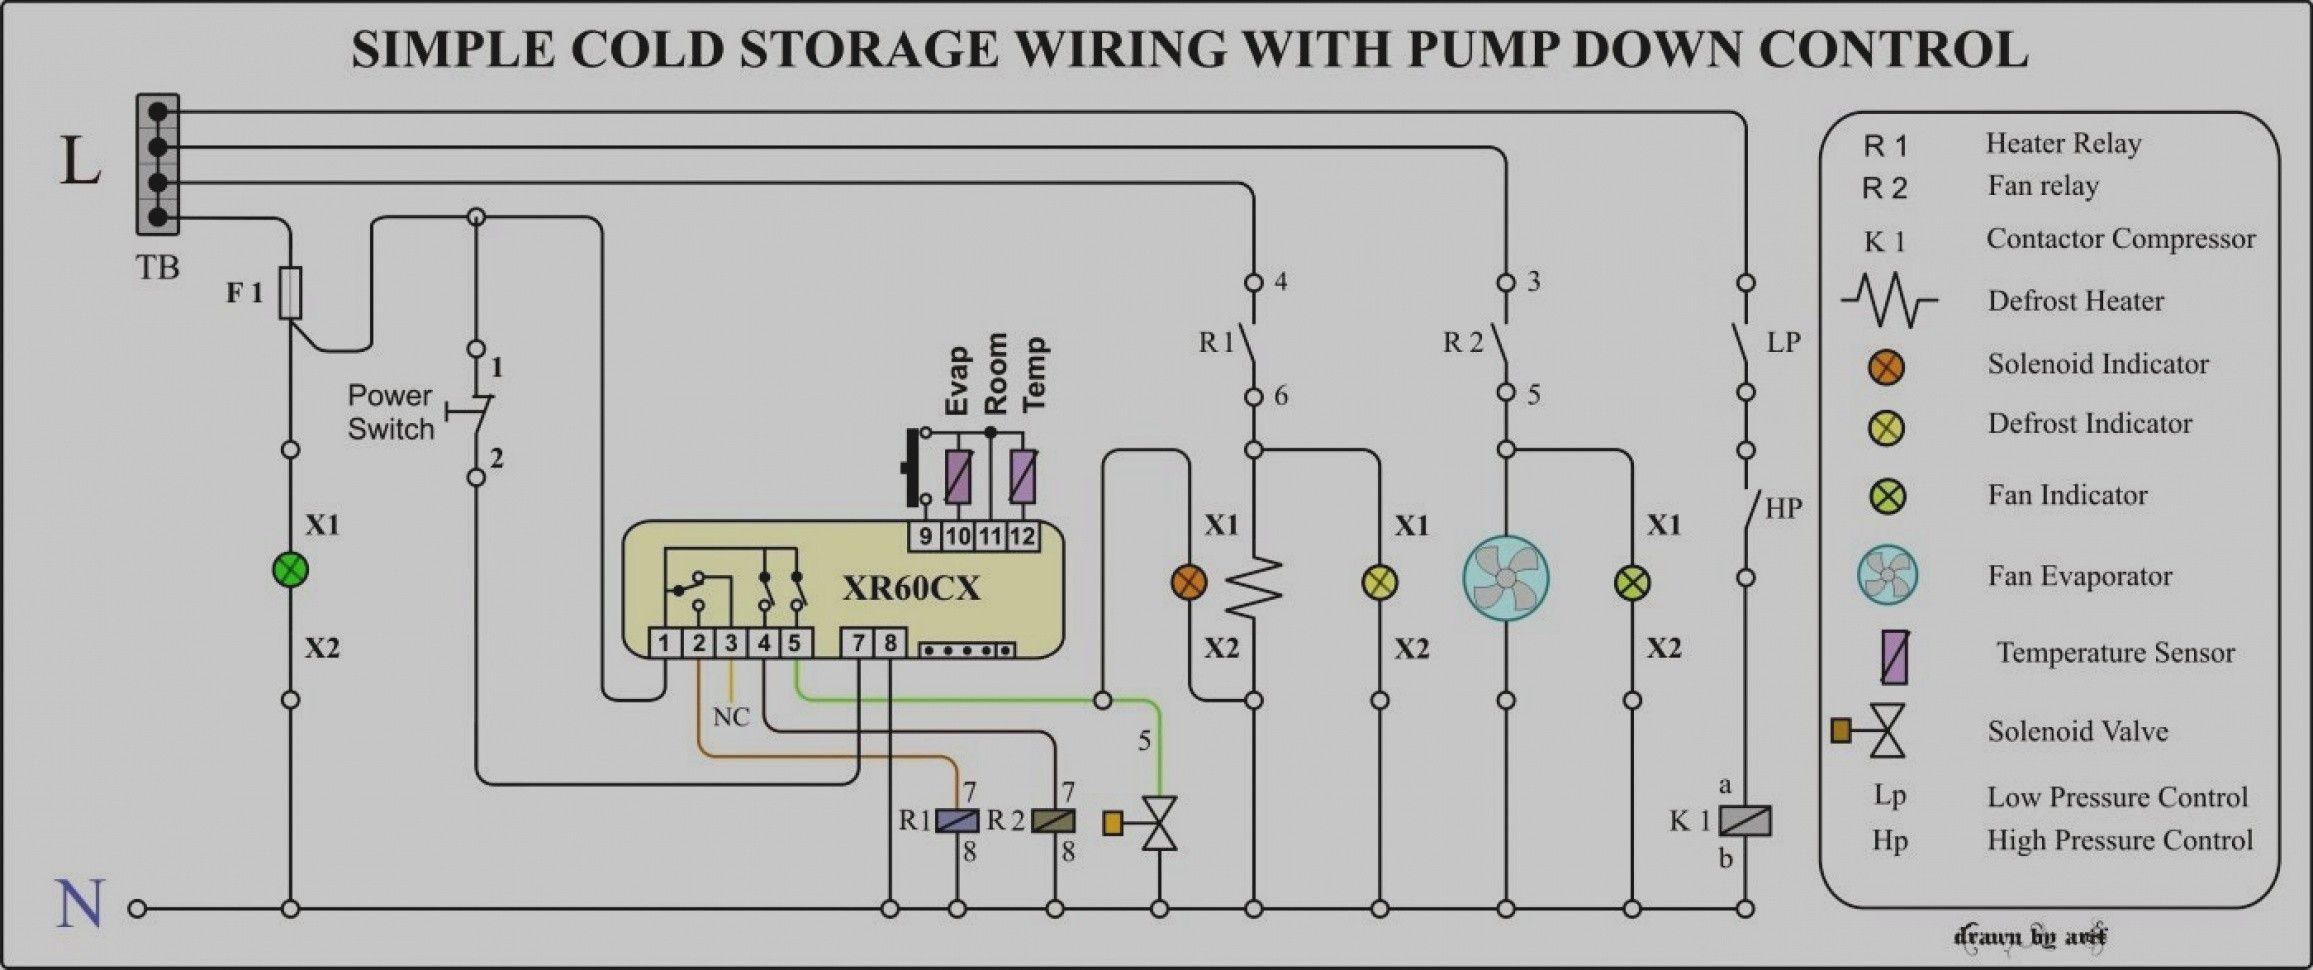 Unique Wiring Diagram for Ac Capacitor diagramsample